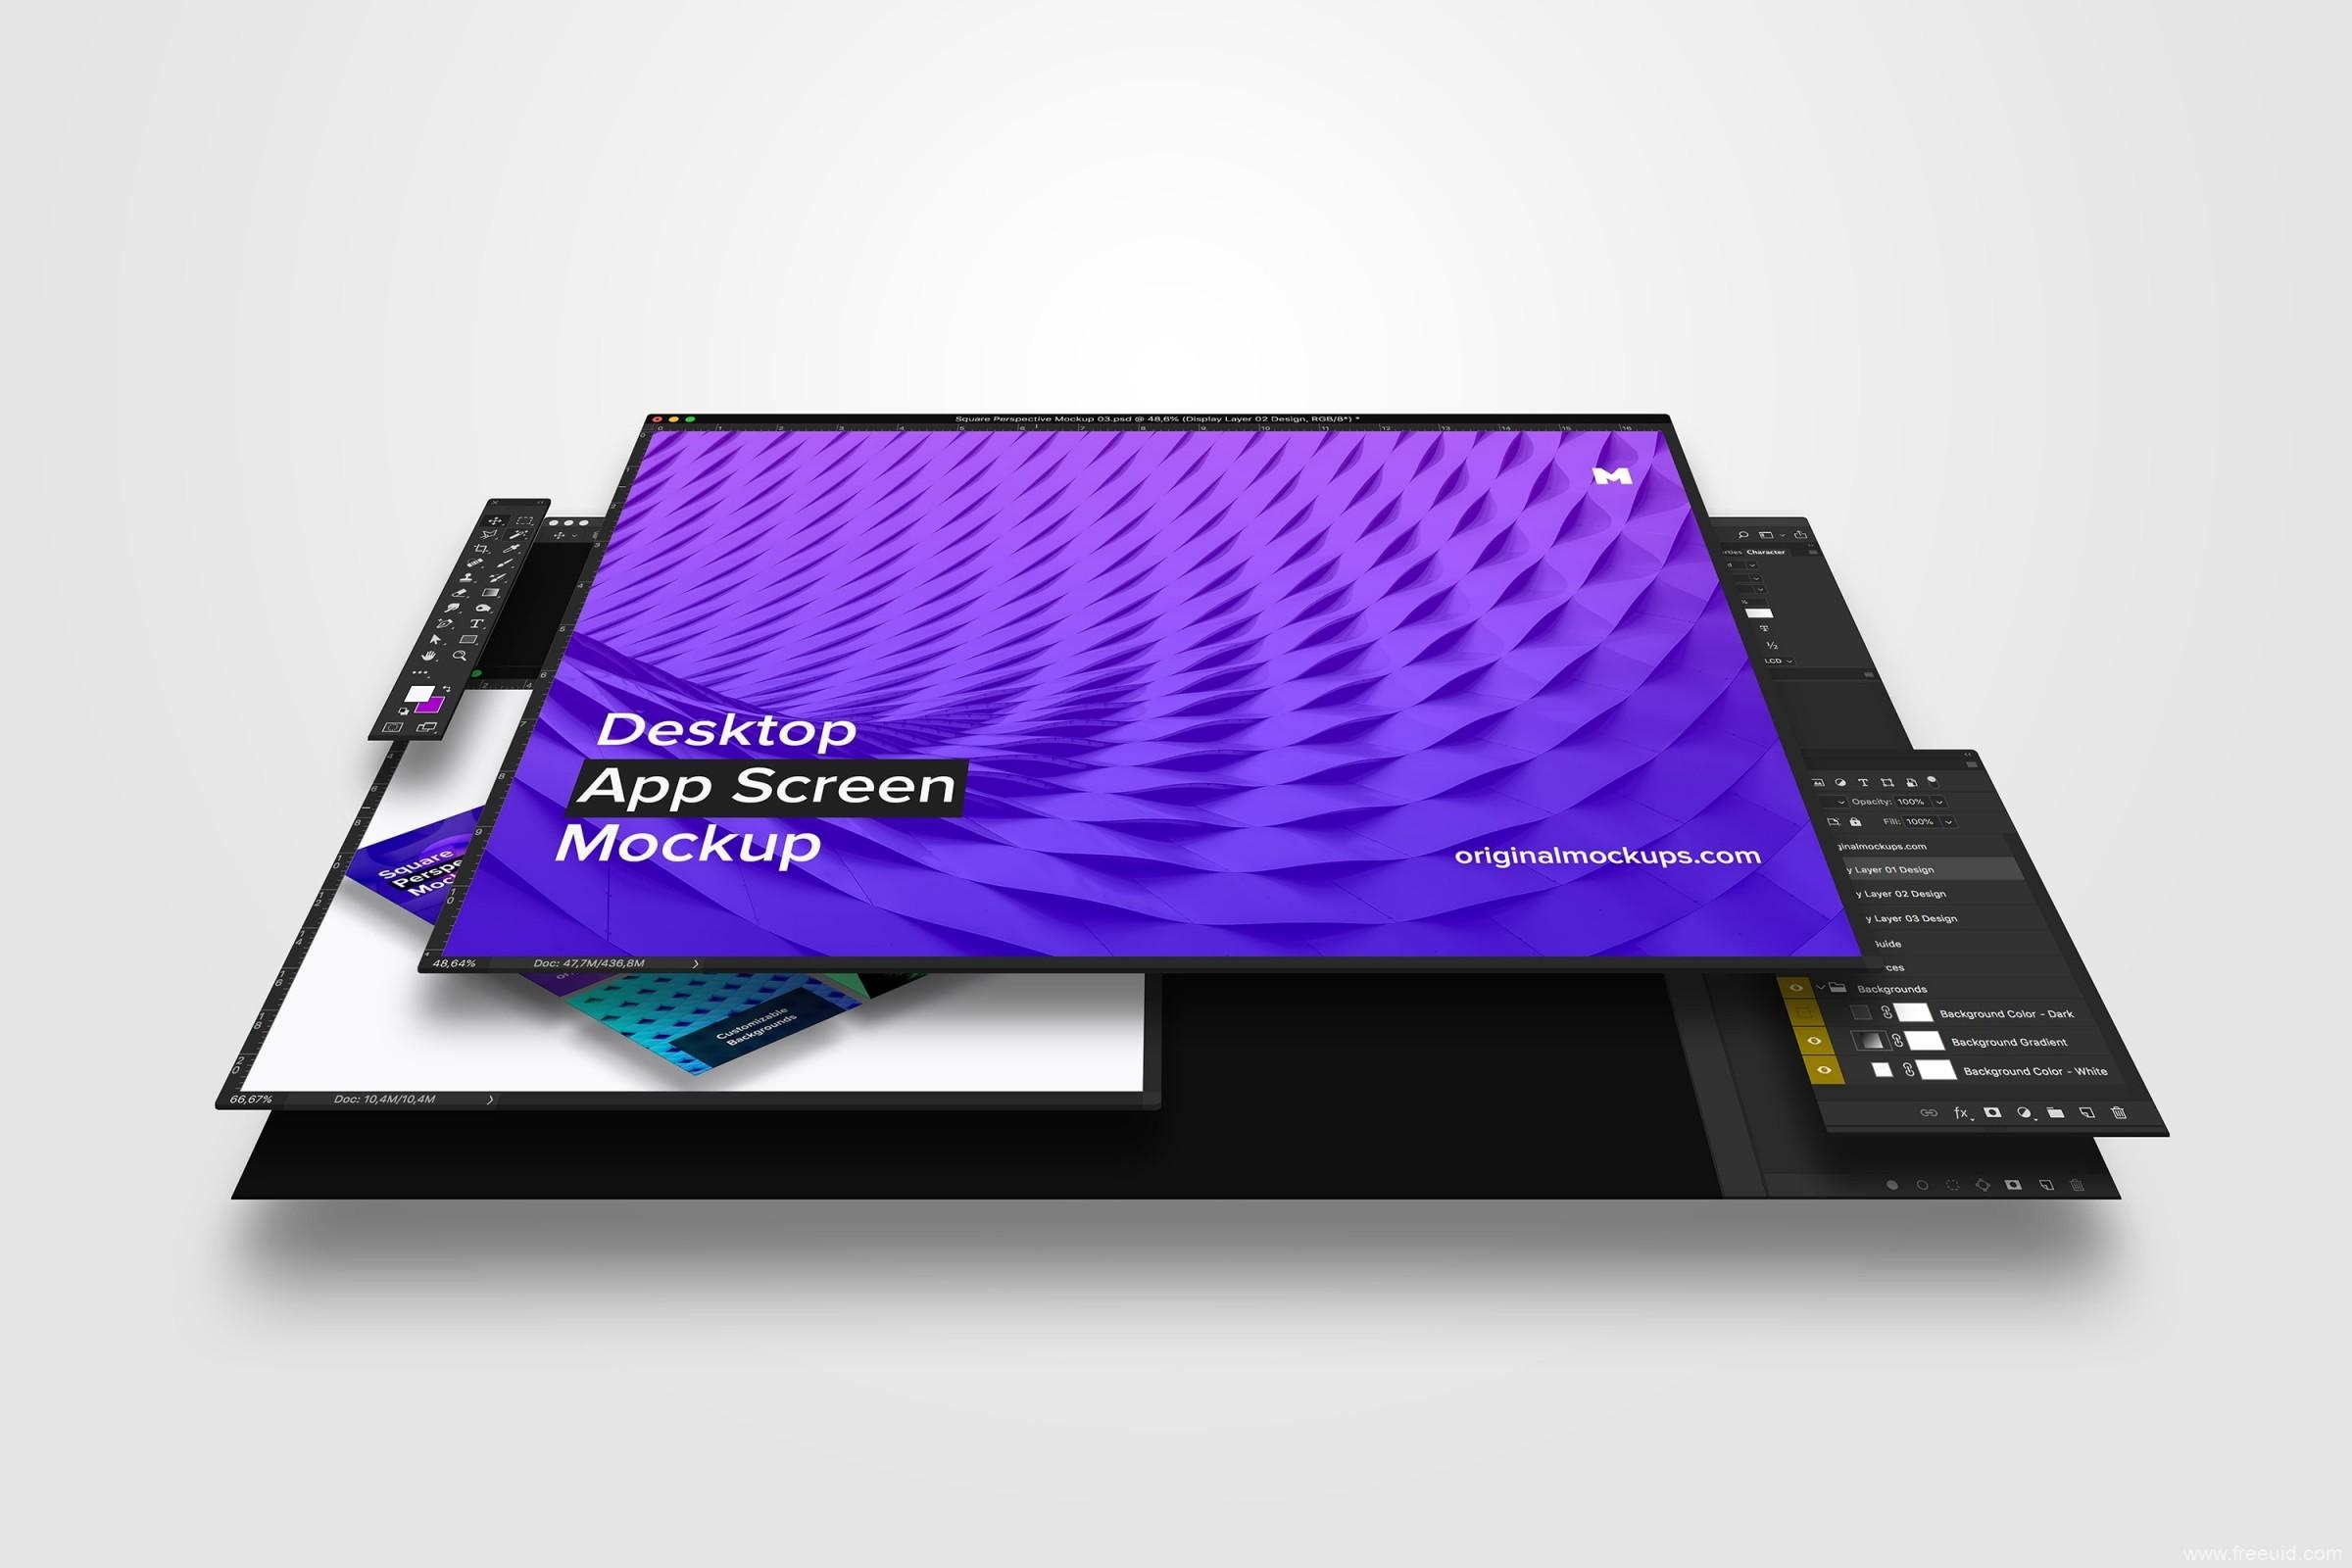 桌面样机mockup,PS应用界面包装样机模板,桌面样机psd源文件